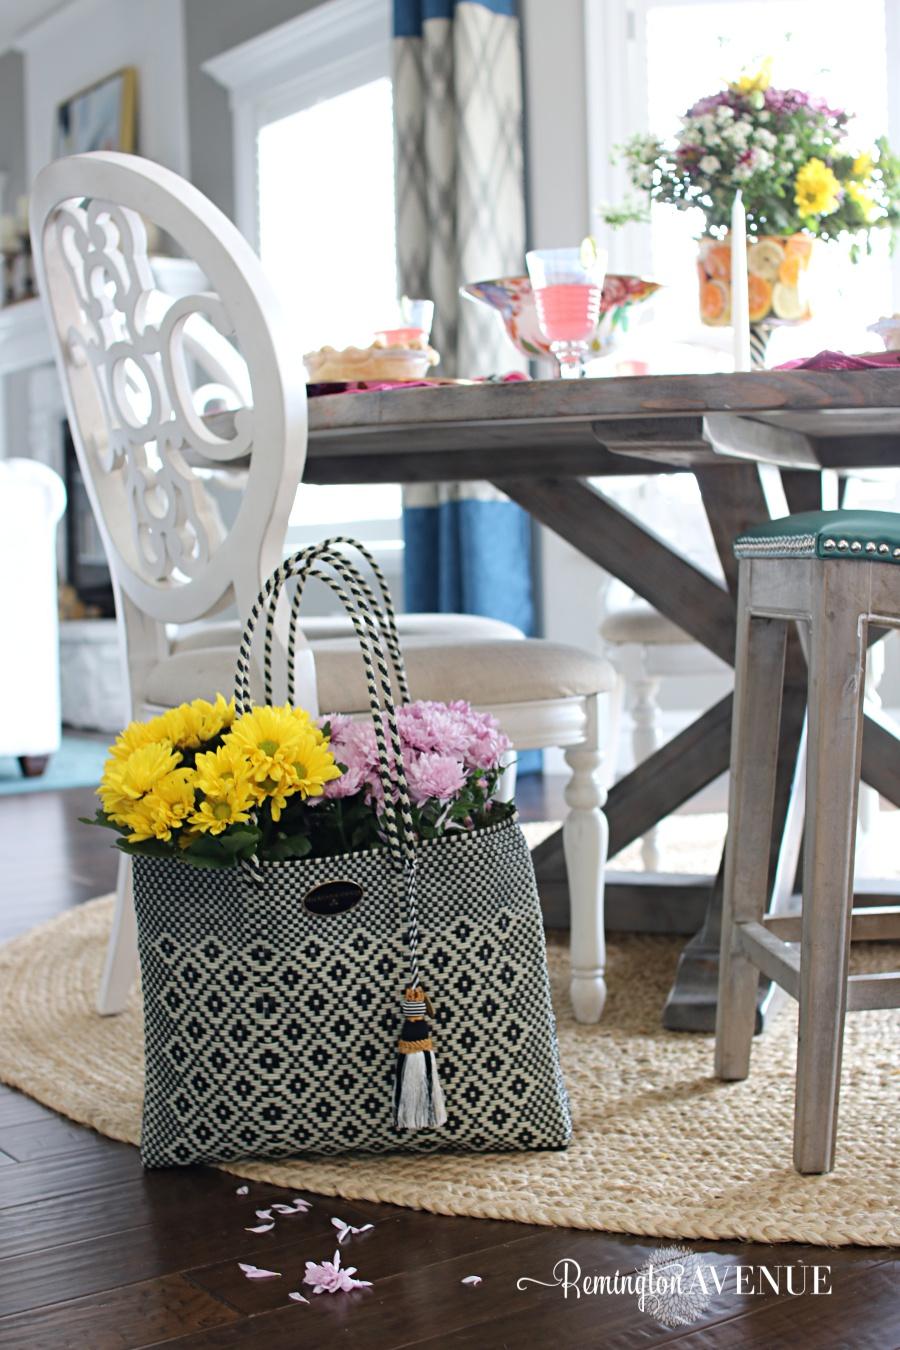 Floral and Citrus Summer Brunch Table, floral basket, summer table